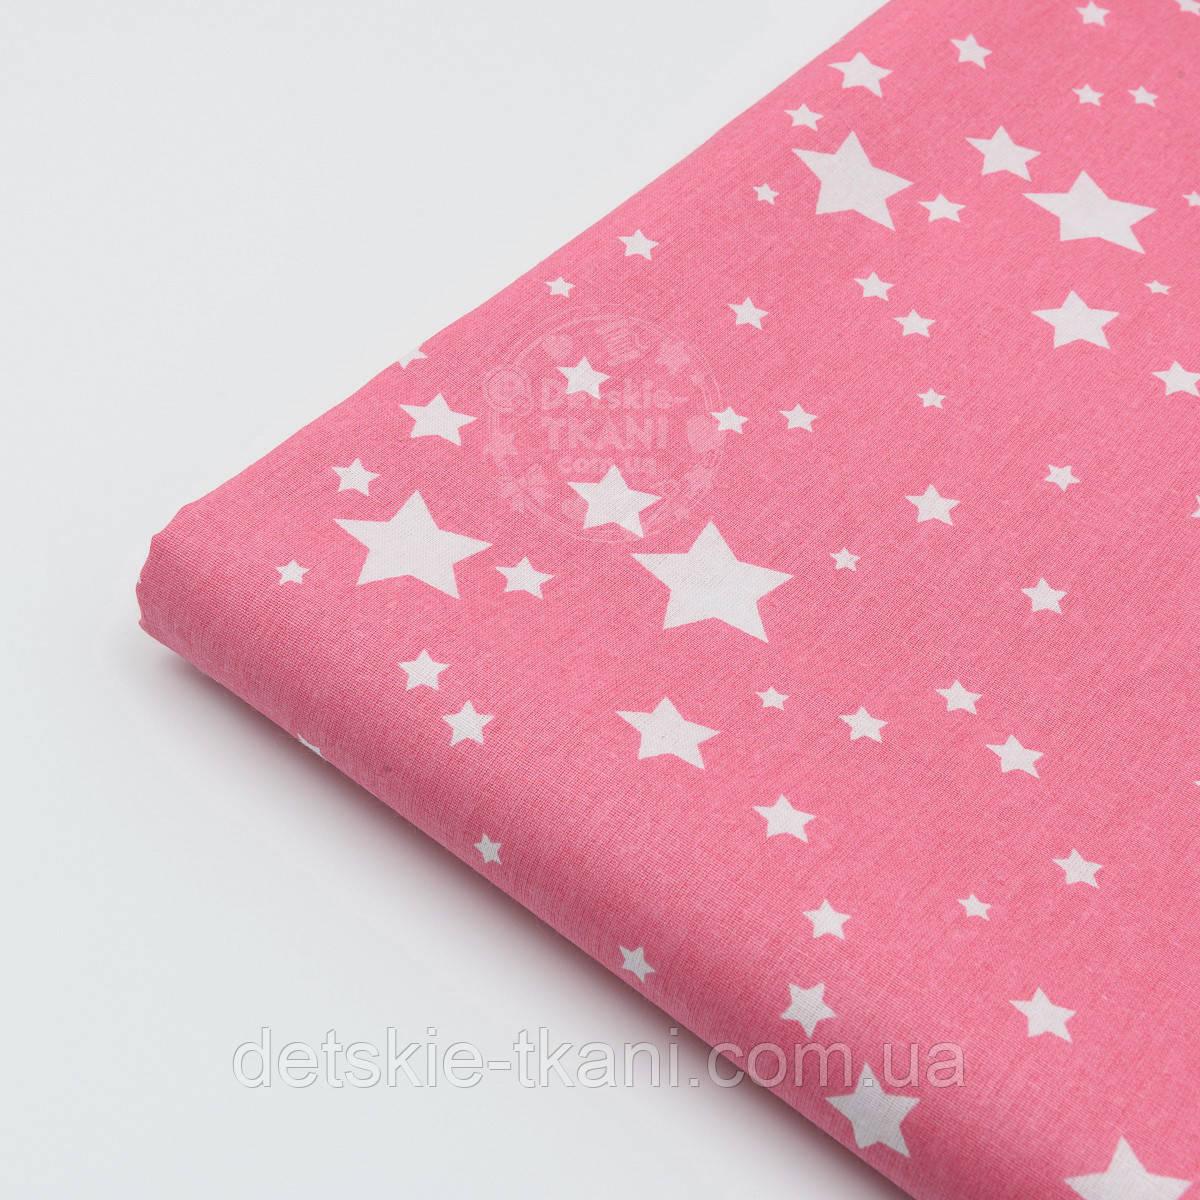 """Лоскут ткани """"Мини галактика"""" белая на тёмно-розовом № 1458"""